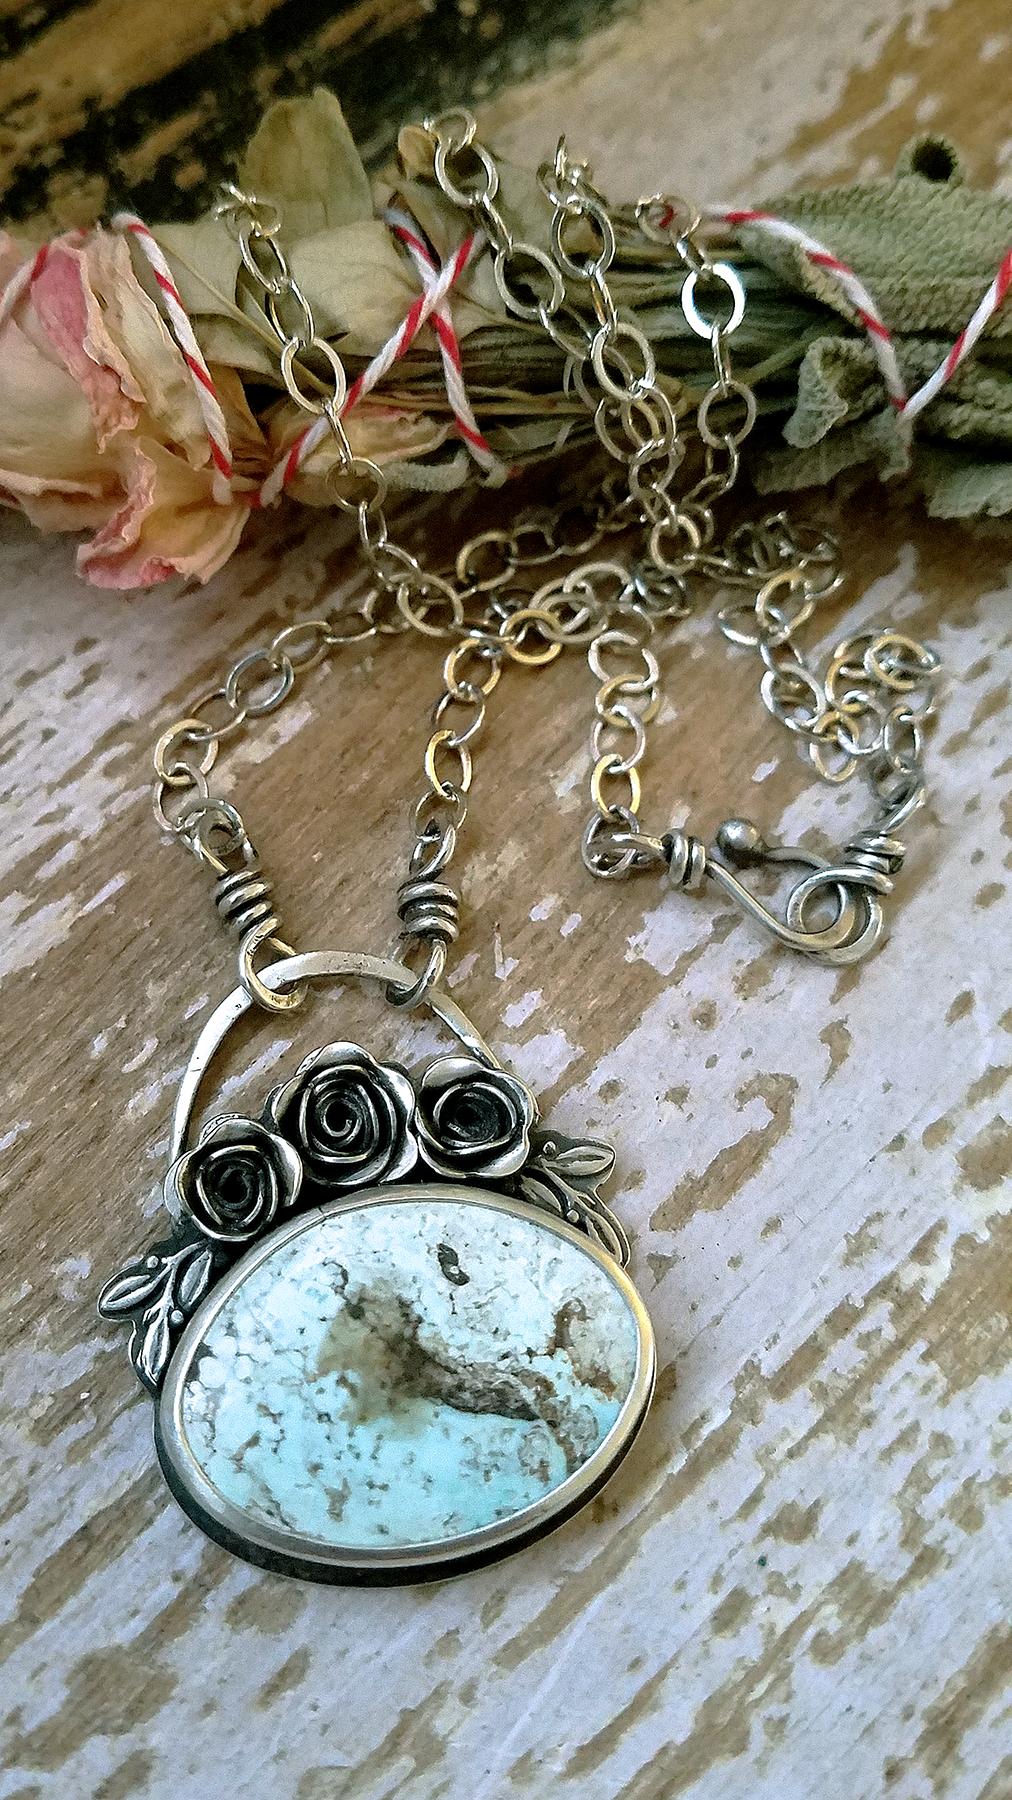 dry creek rose pendant